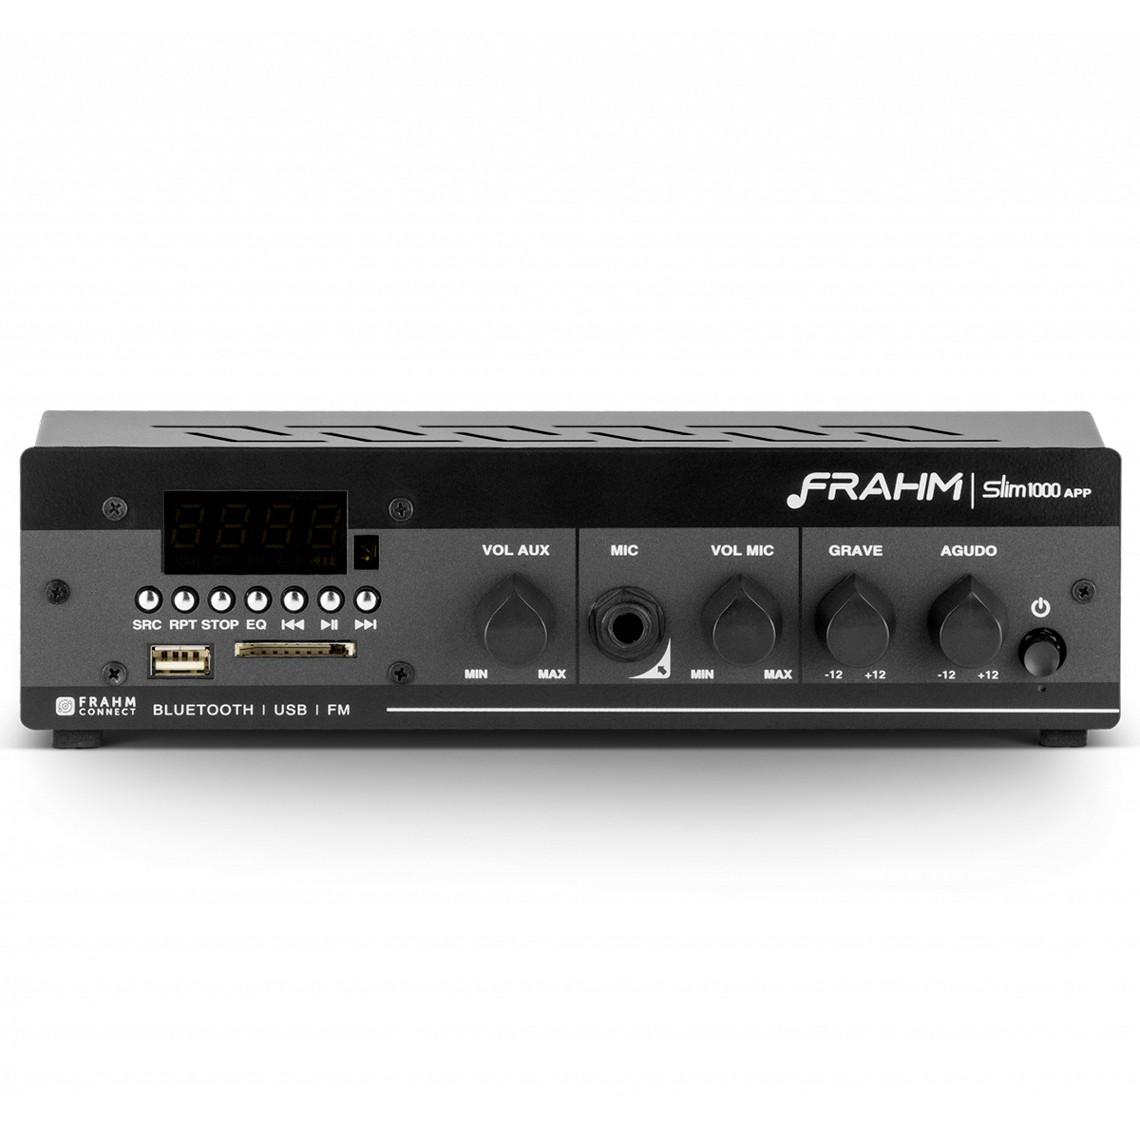 Amplificador Receiver Frahm SLIM 1000 APP Bluetooth 40W G2